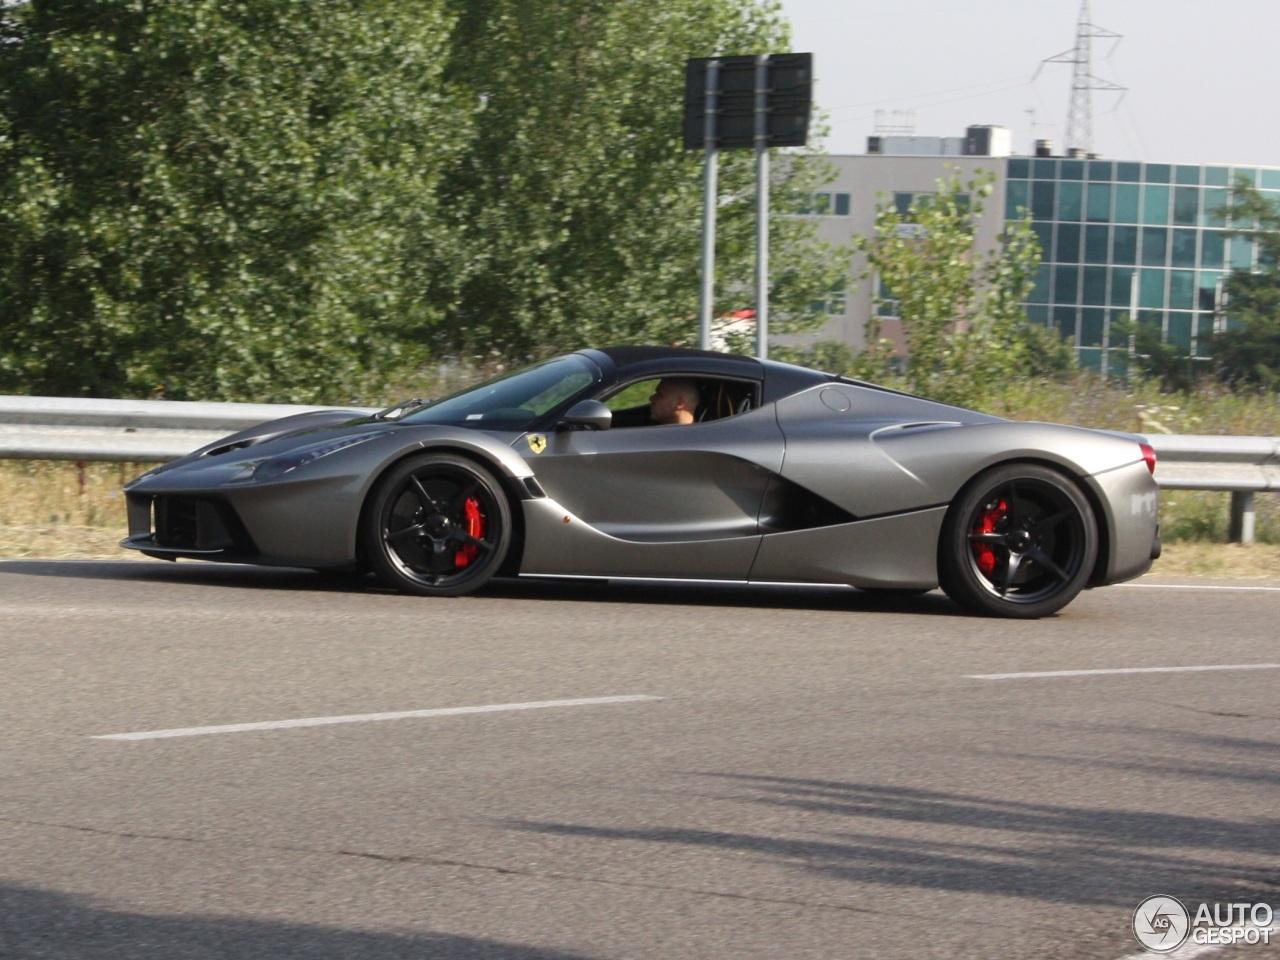 Ferrari laferrari aperta 11 july 2016 autogespot